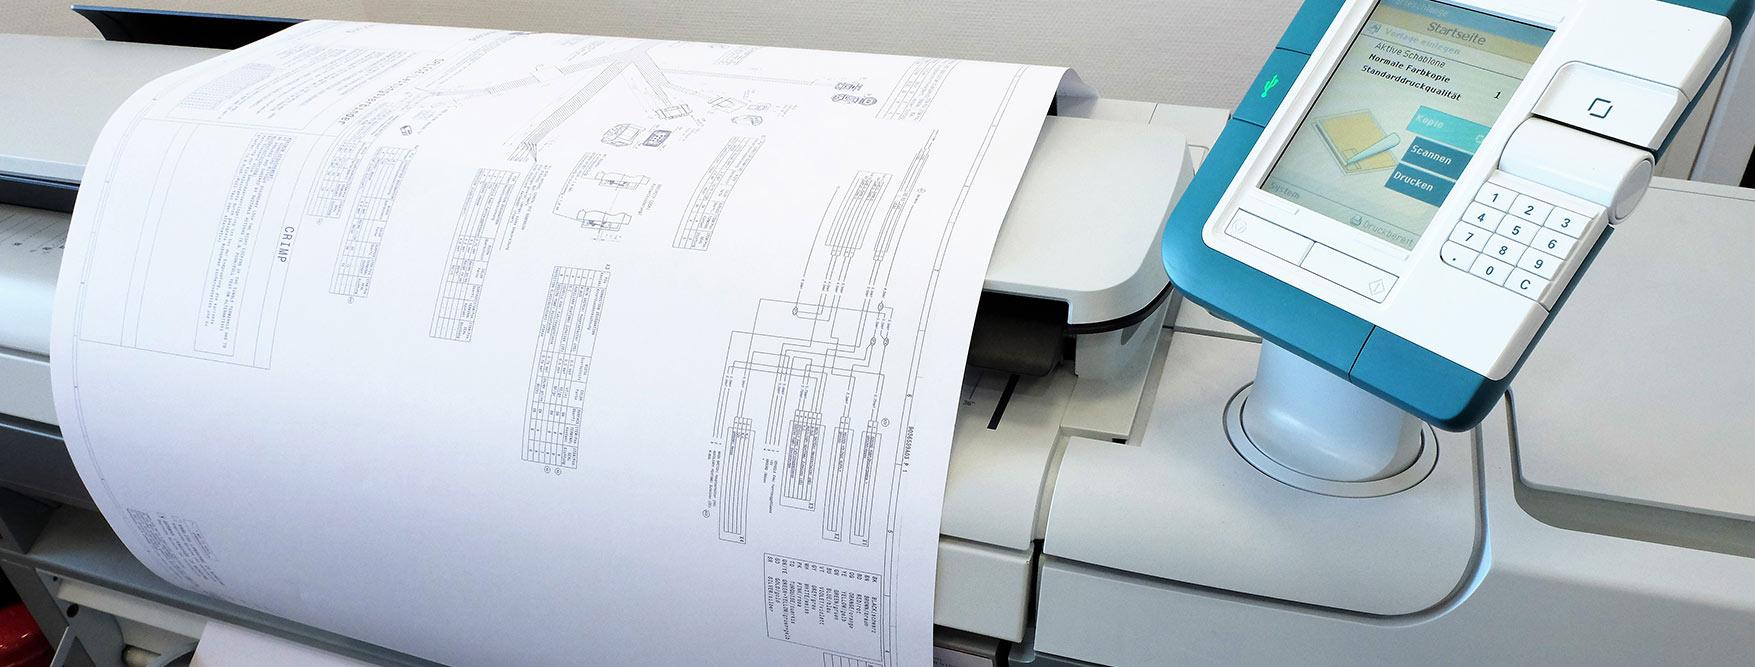 Druck bis A0 von Bauplänen und großformatigen Dokumenten